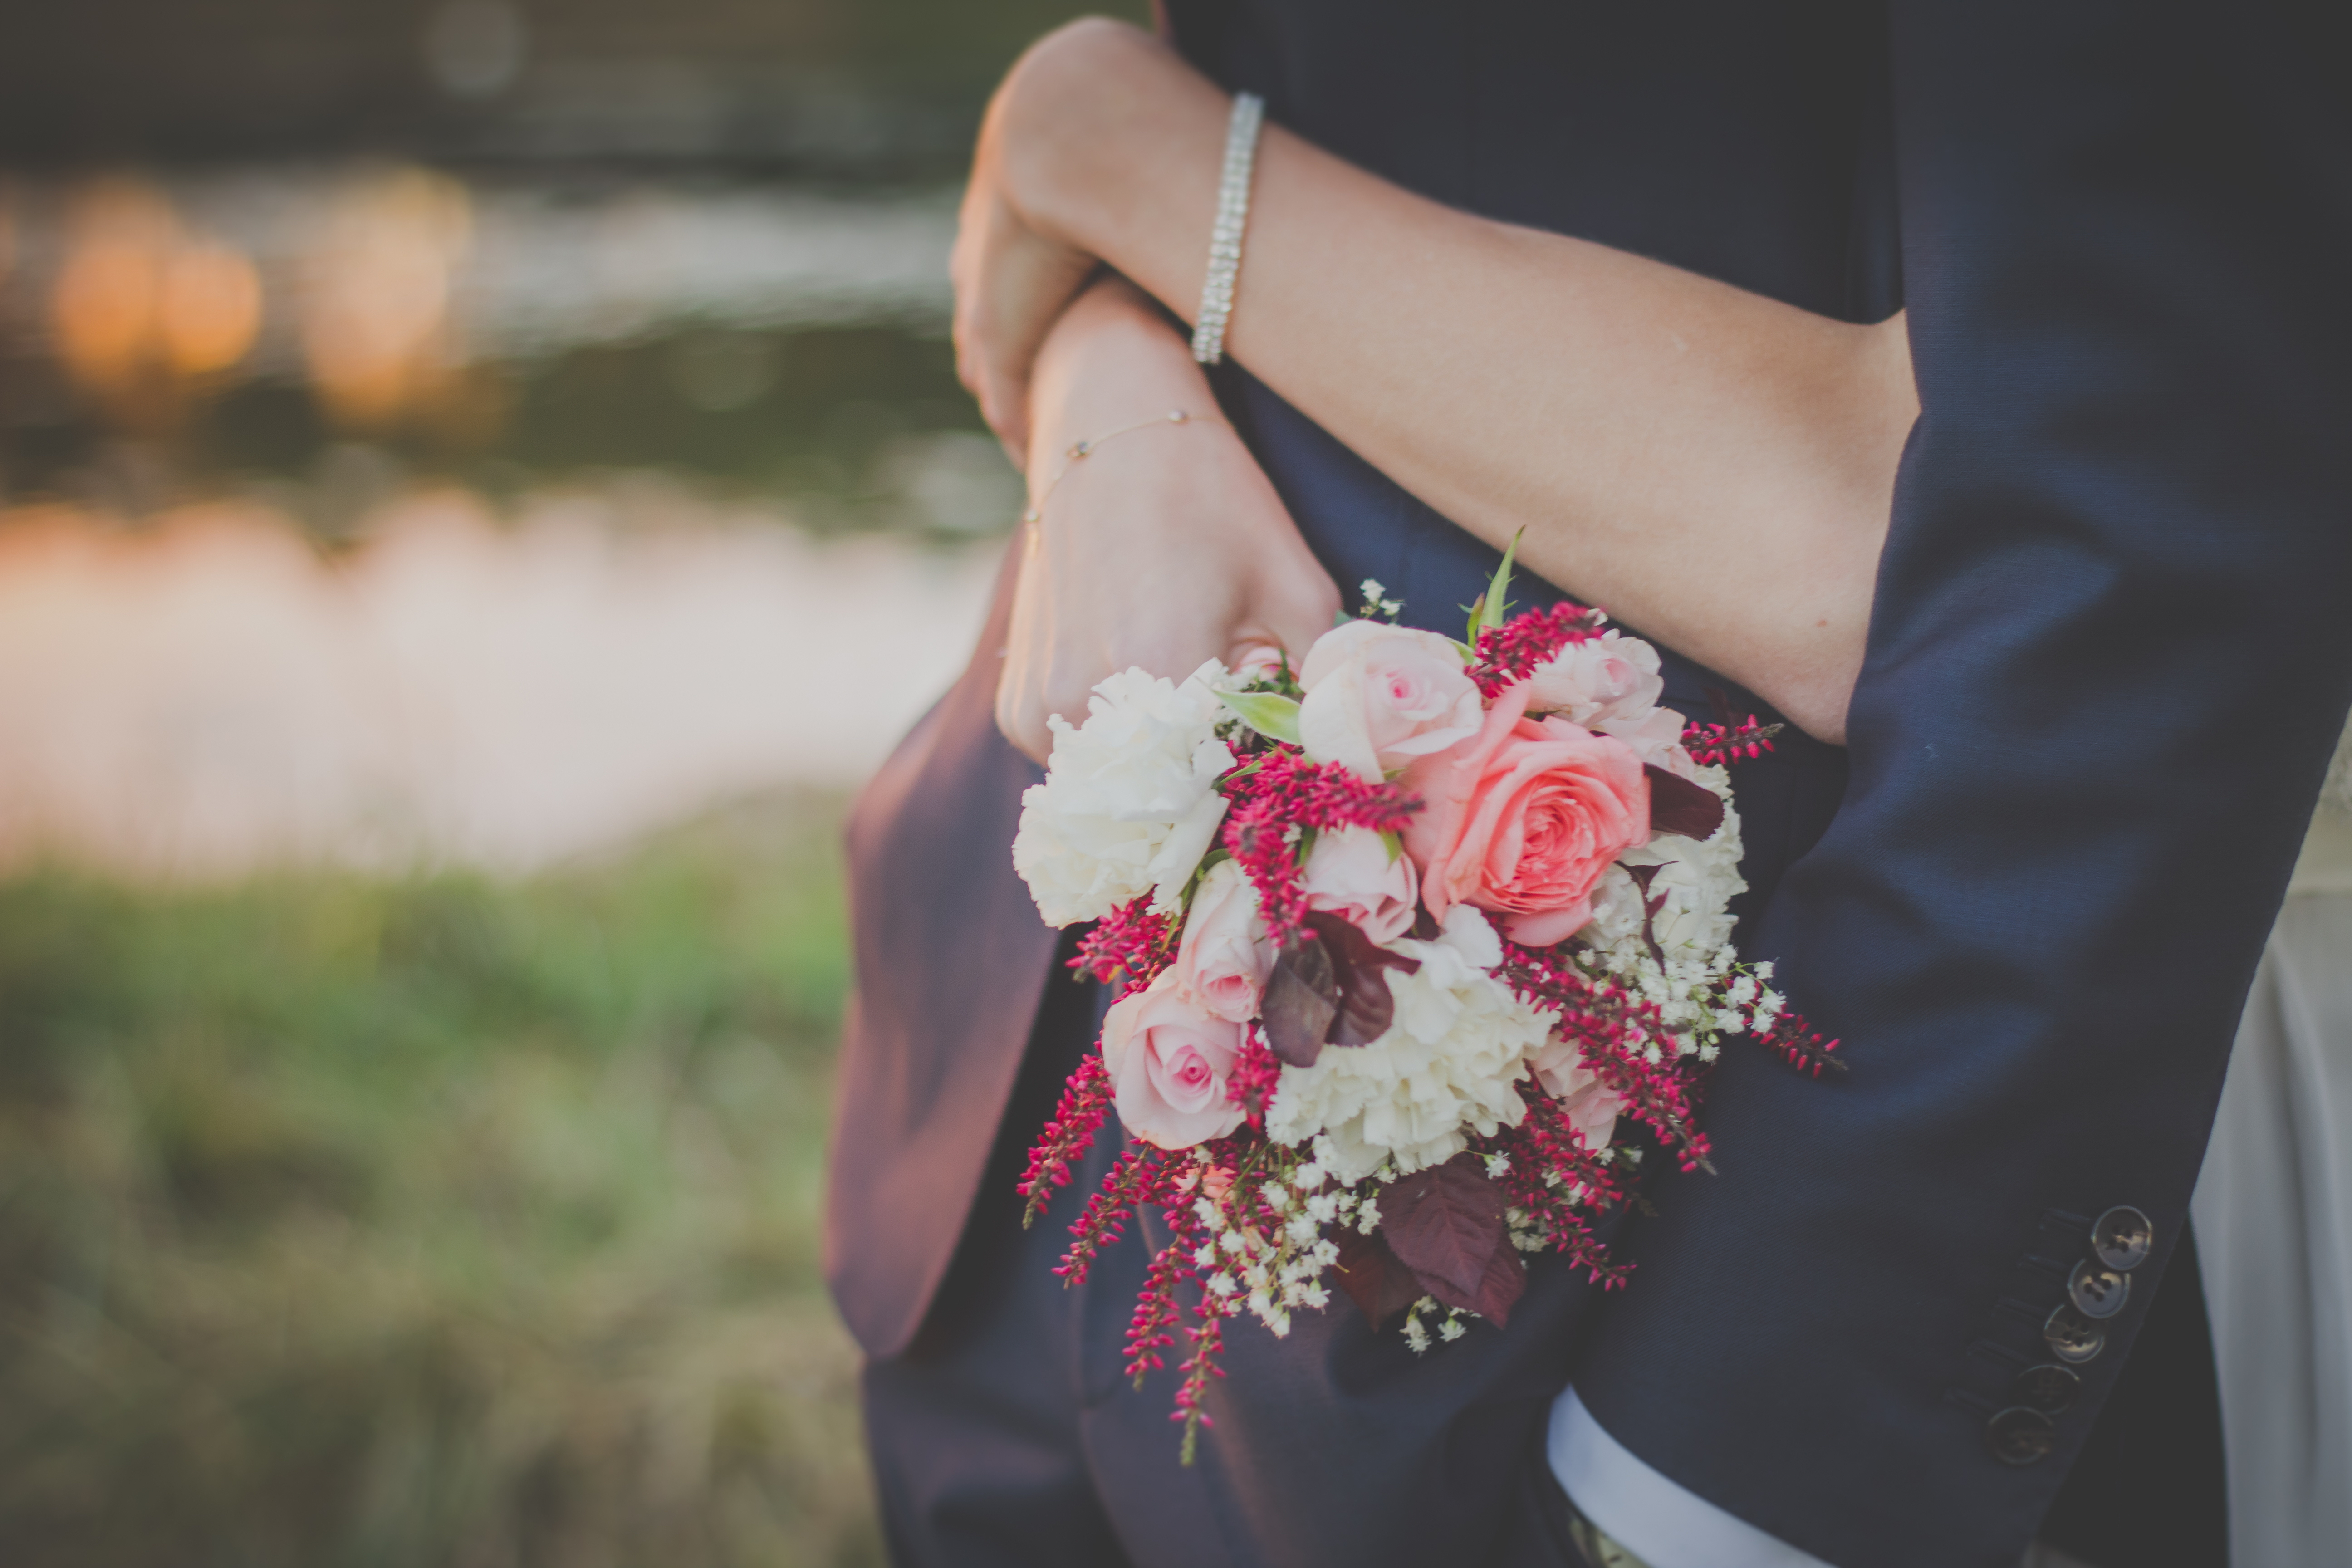 Con gái lấy chồng là sướng hay là khổ? - Ảnh 2.